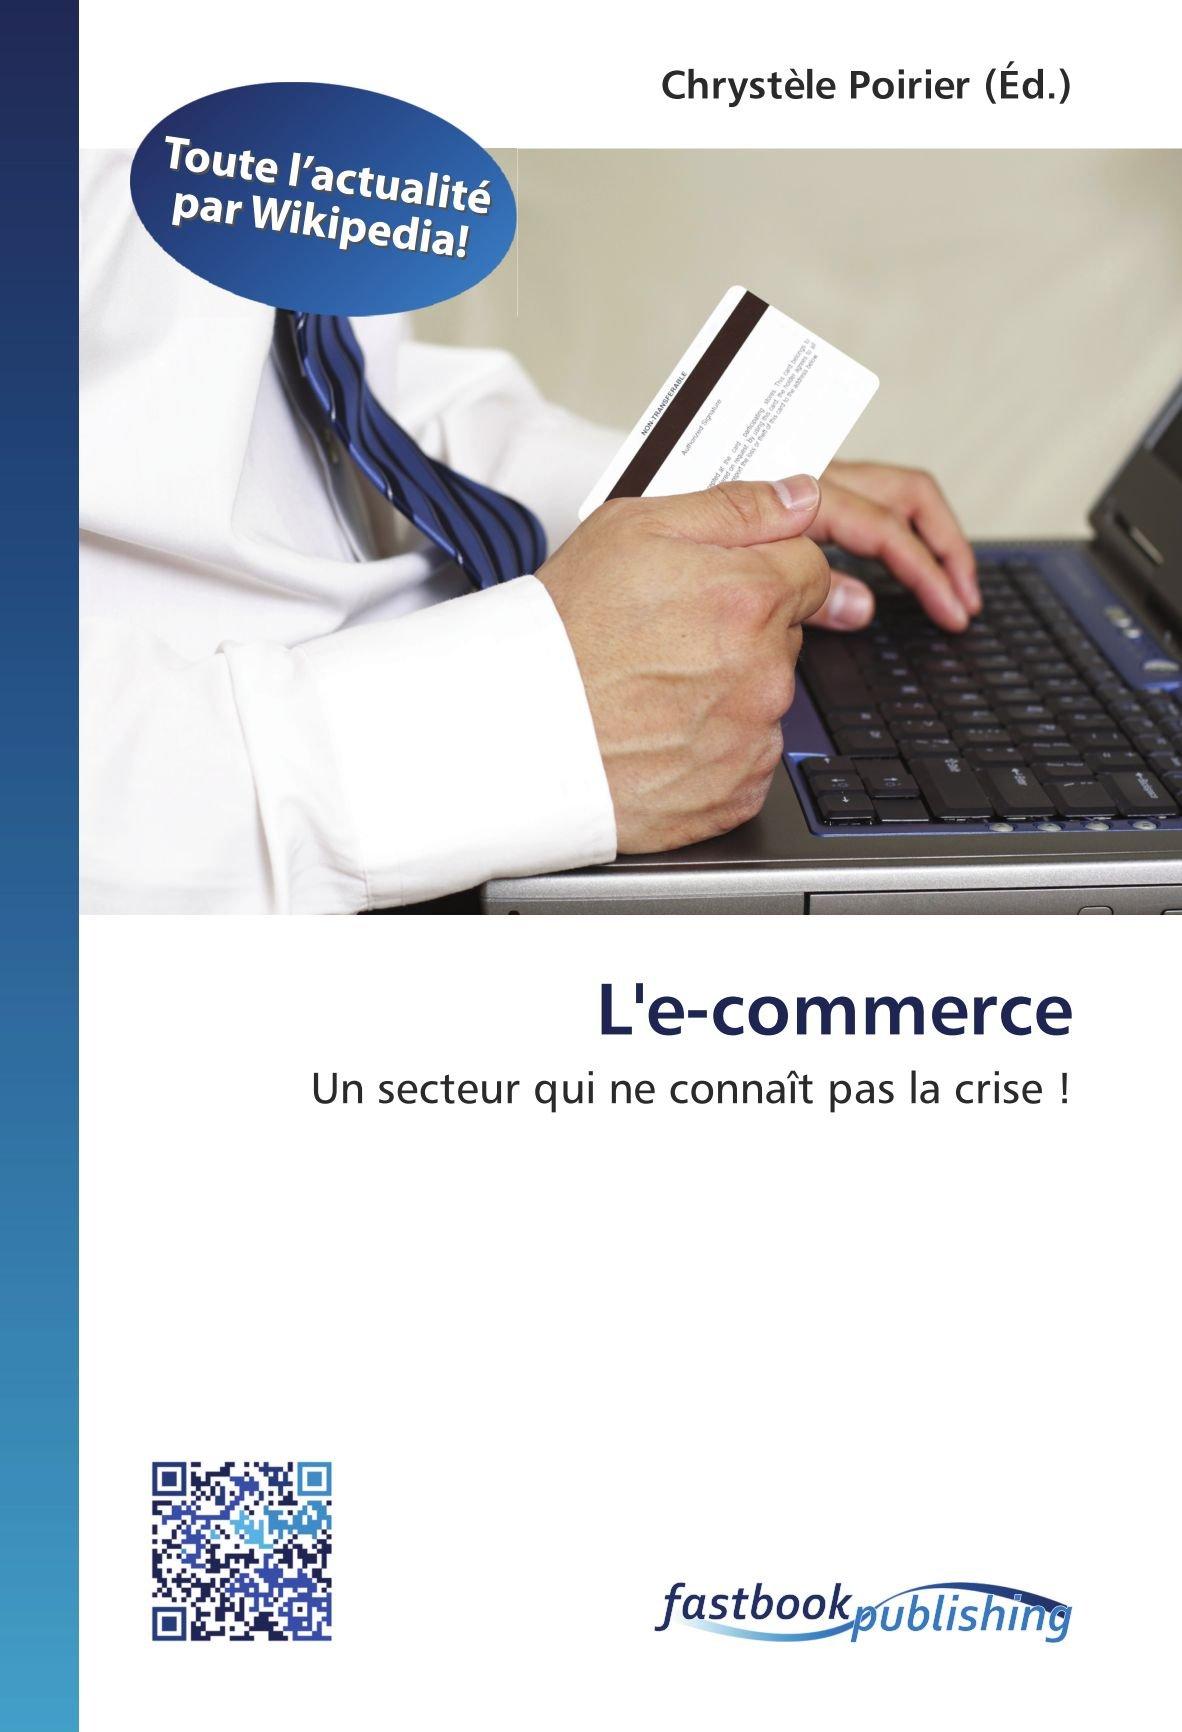 L'e-commerce: Un secteur qui ne connaît pas la crise ! (French Edition) ebook